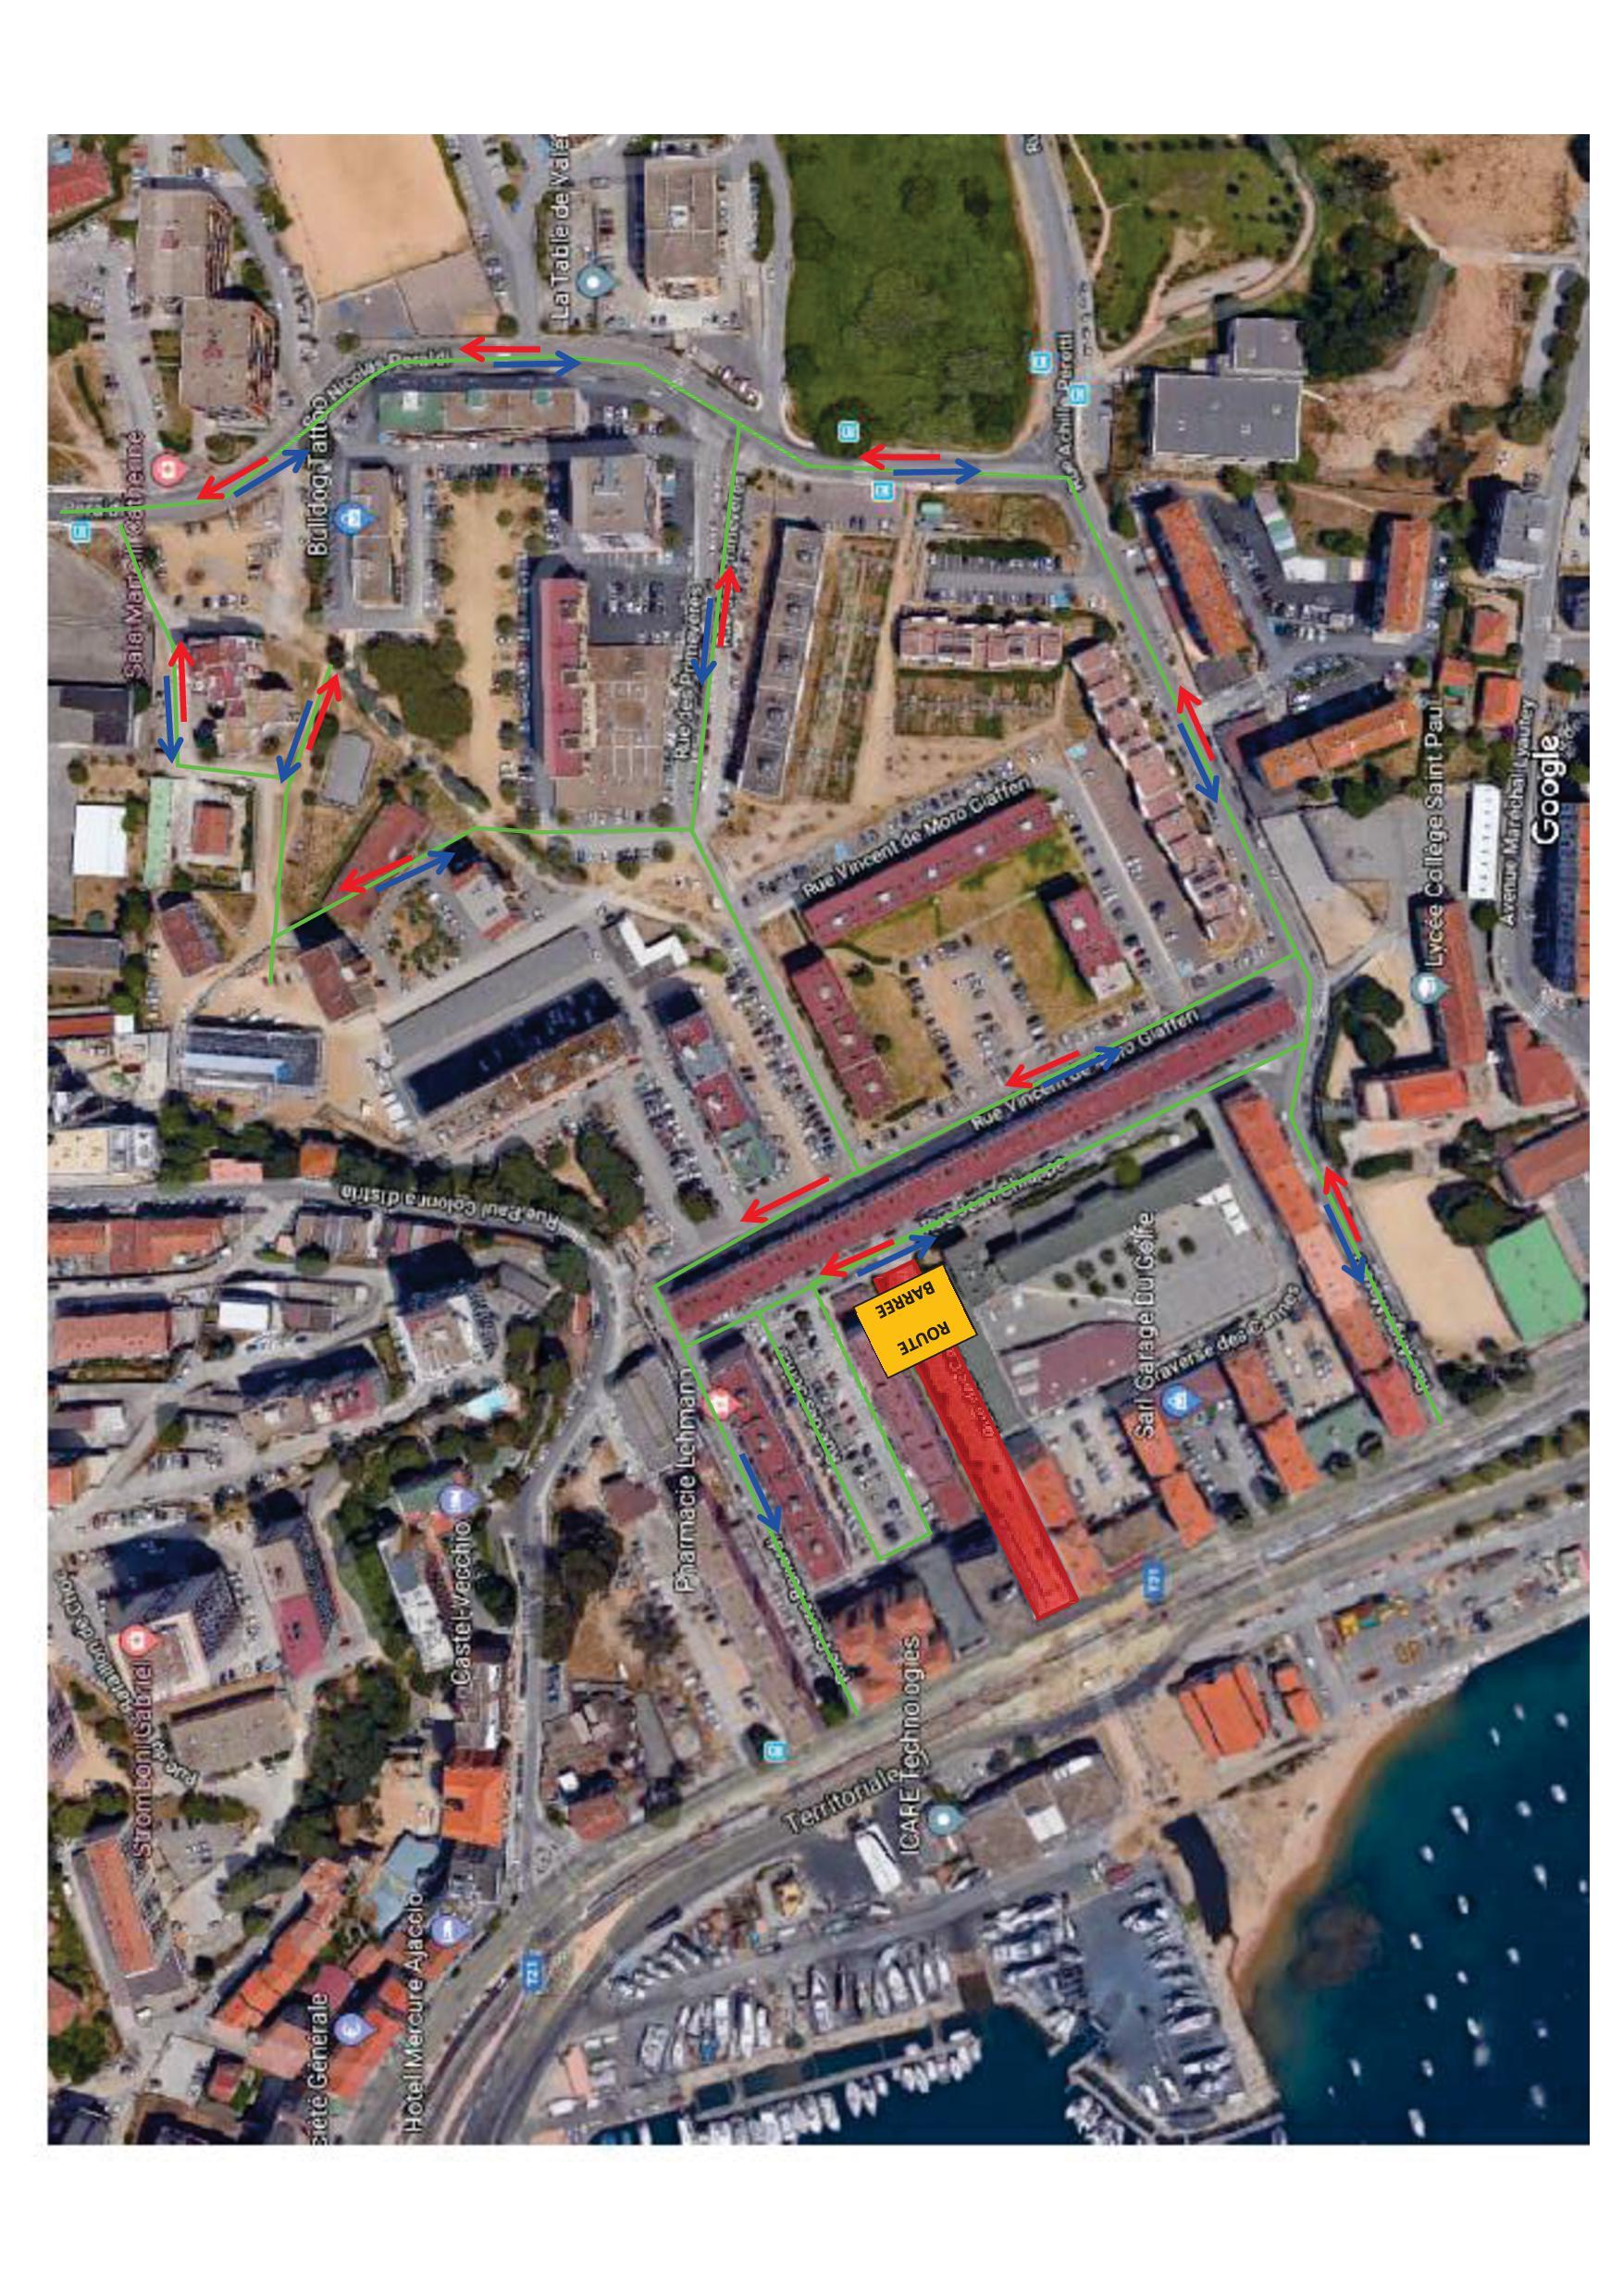 """Plan de Circulation temporaire aux Cannes - Mars 2018 - """"Travaux de requalification Cannes-Salines"""""""